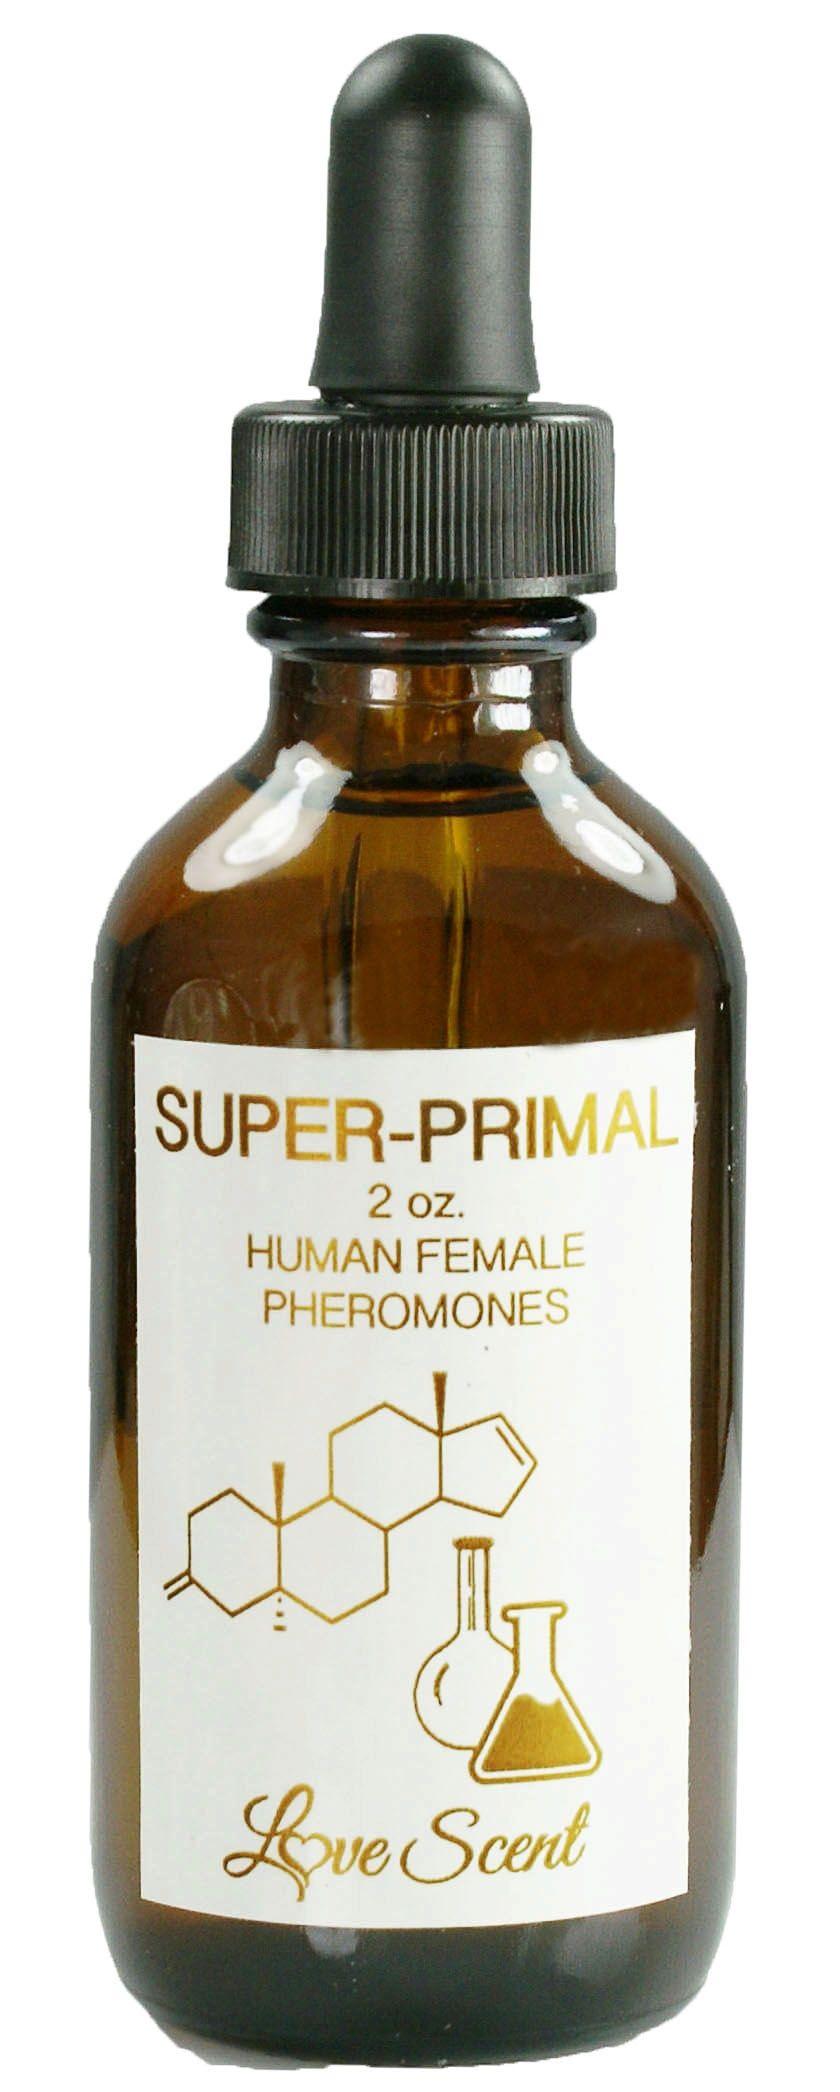 Super Primal for Her